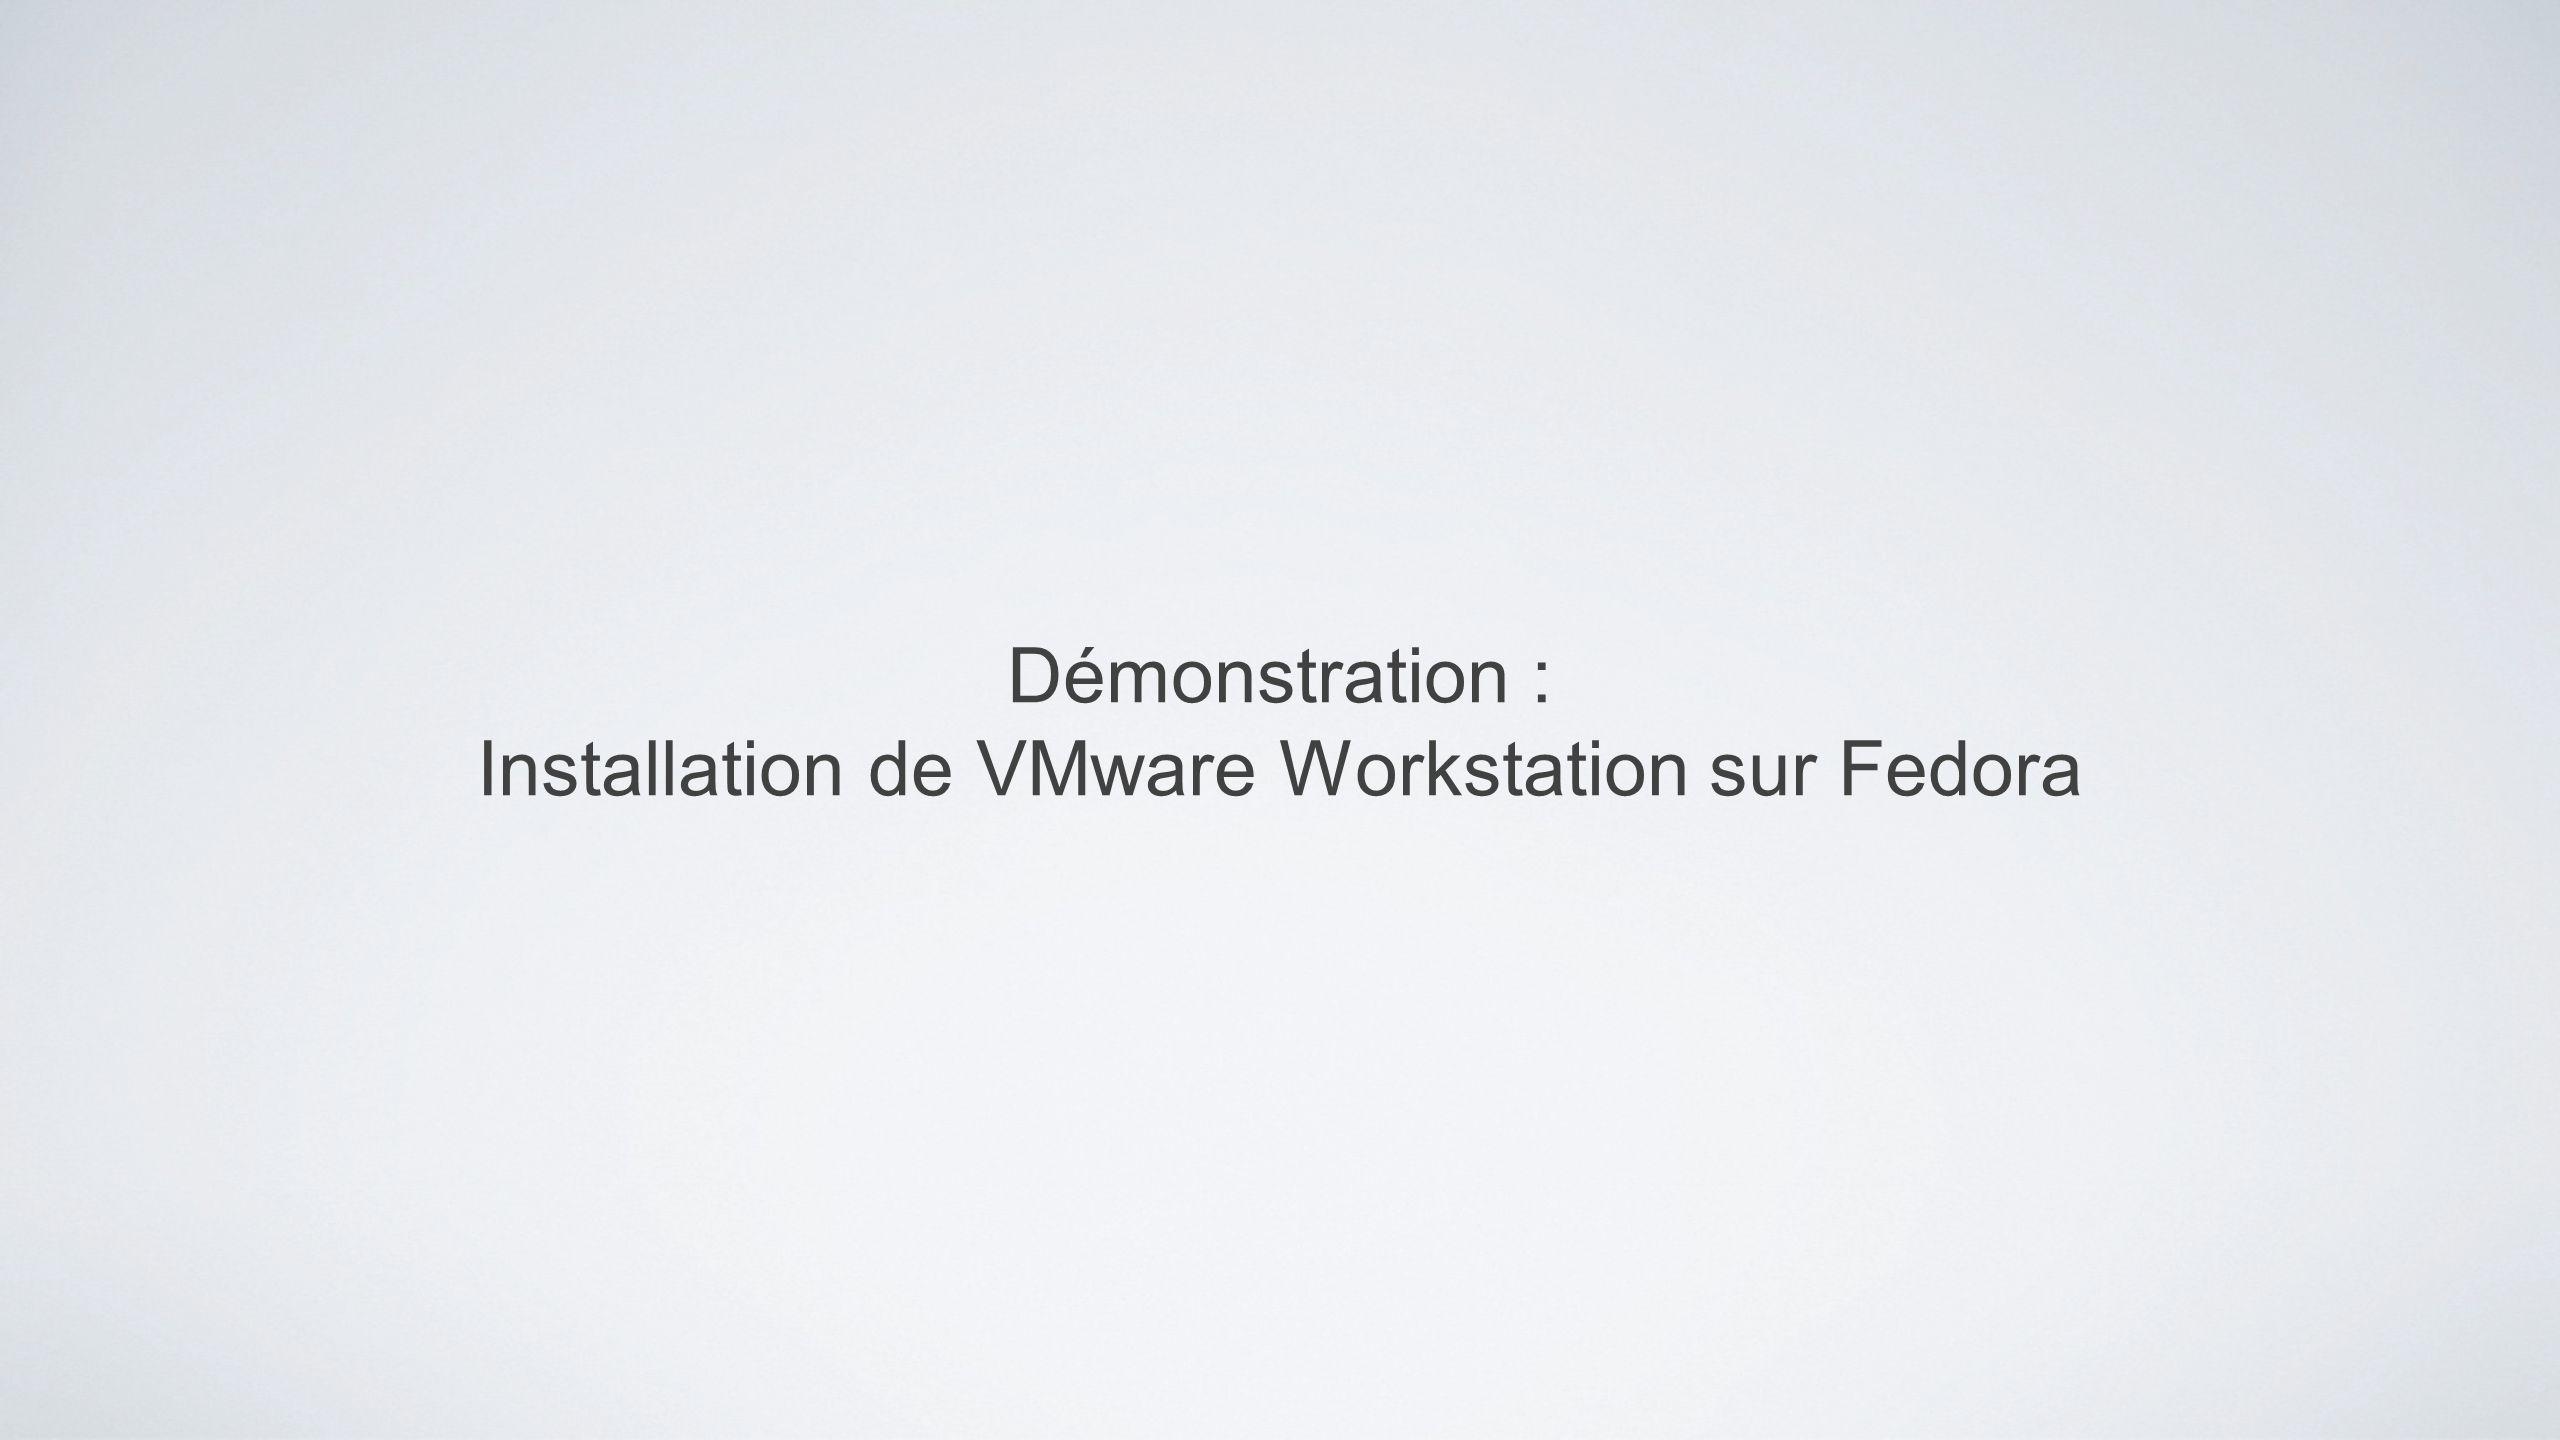 Installation de VMware Workstation sur Fedora